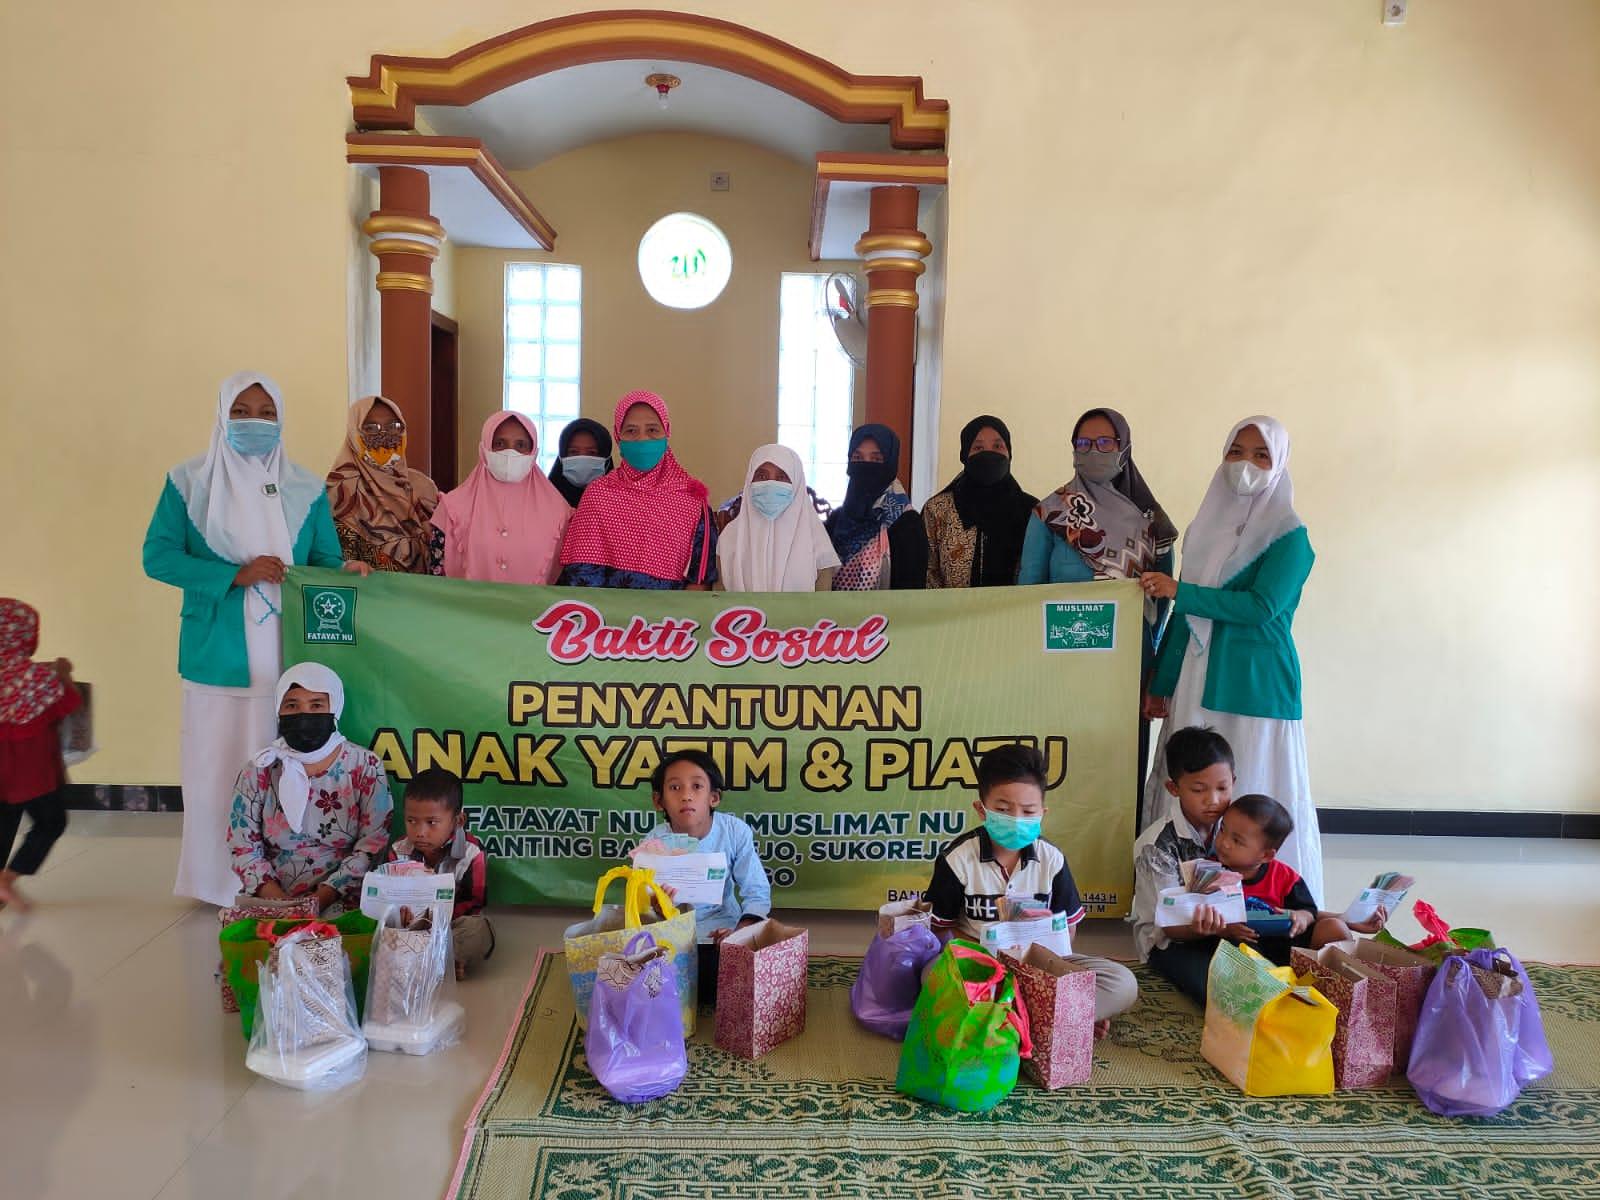 Jajaran pengurus PR Fatayat dan Muslimat NU Bangunrejo berpose bersama para anak yatim-piatu